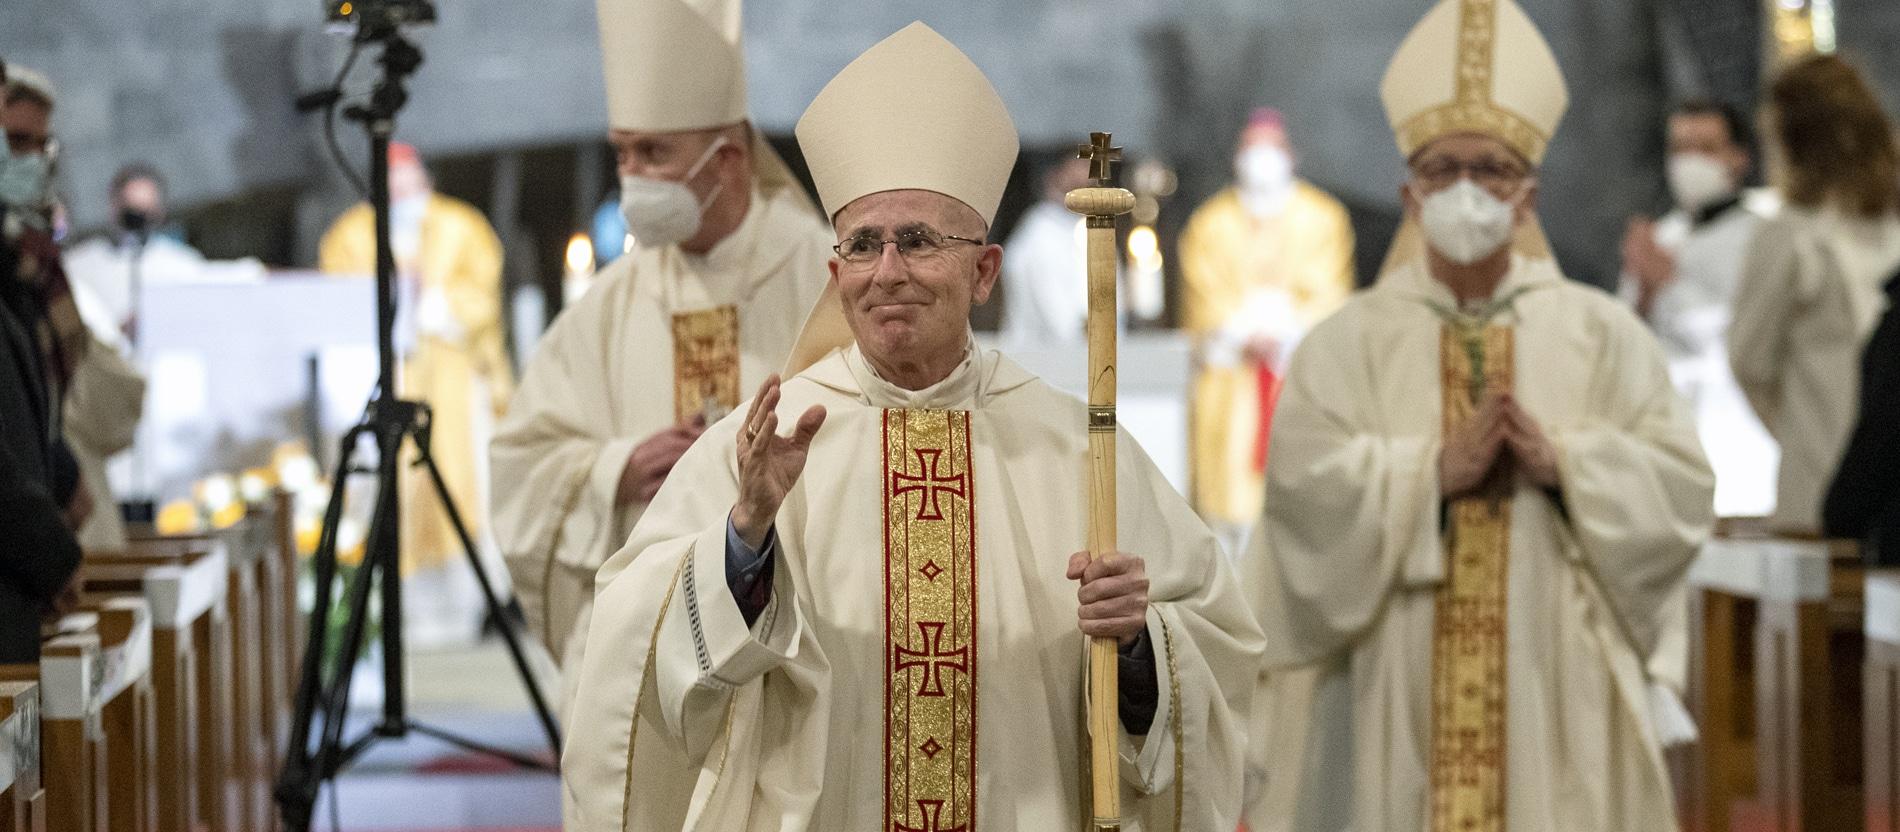 Churer Bischof ist für Bio-Ehe